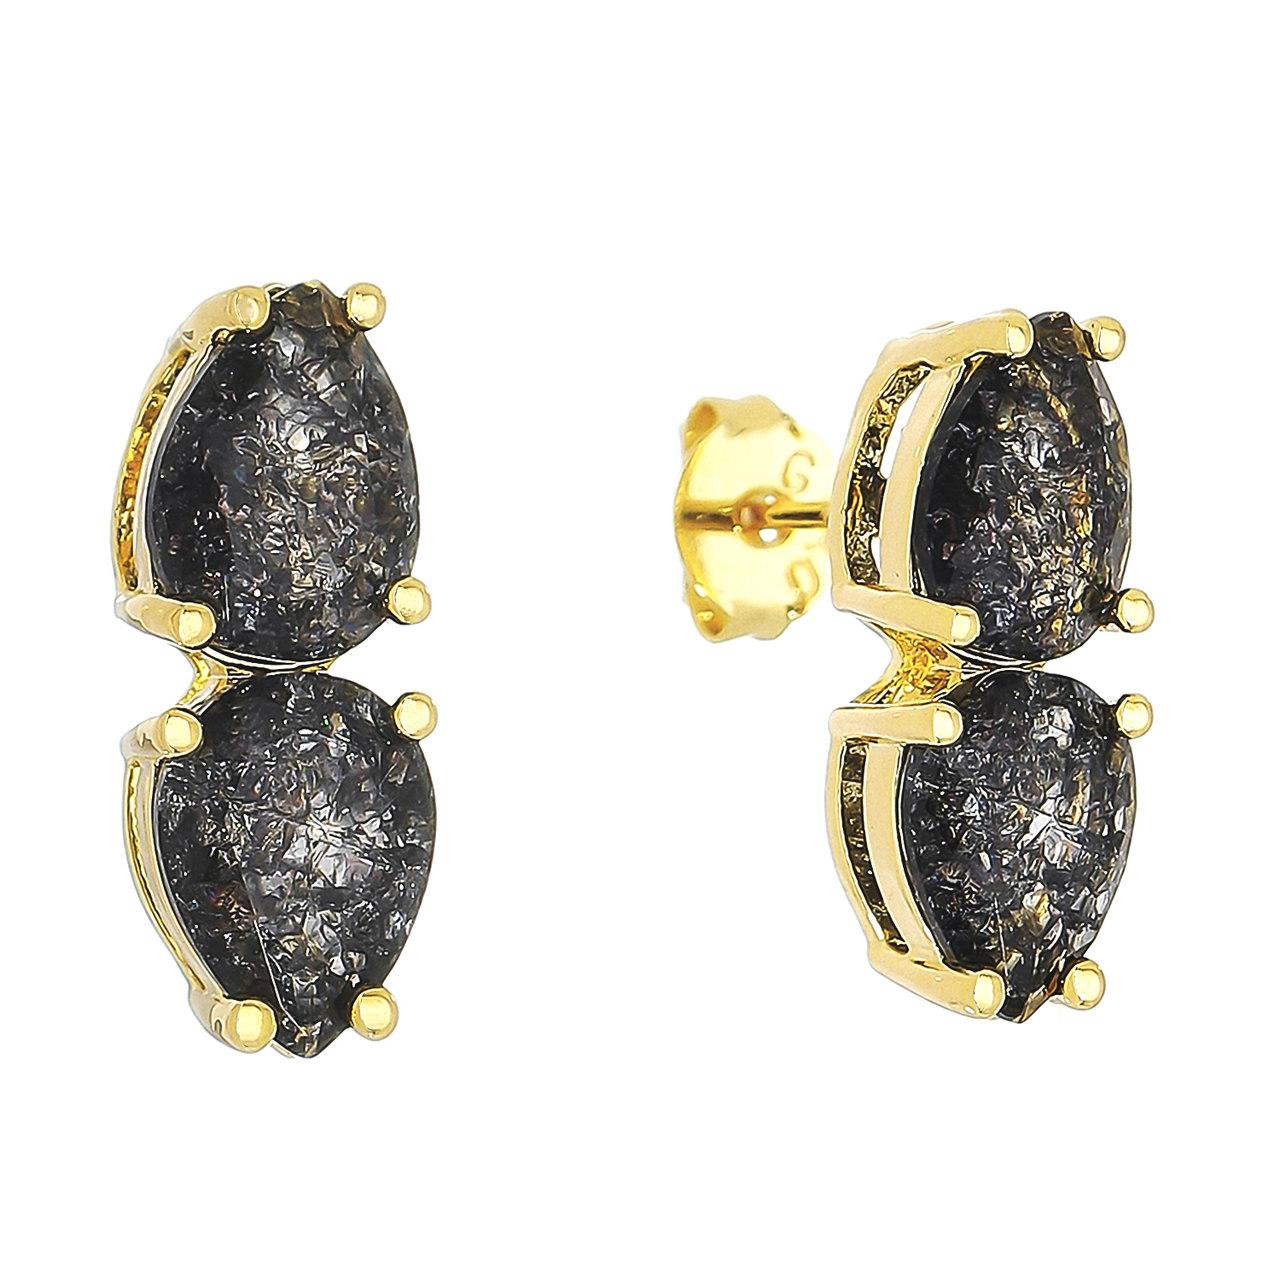 Brinco Gota Cravejado em Zircônias e Pedras Fusion Incolor e Preta Folheado em Ouro 18k